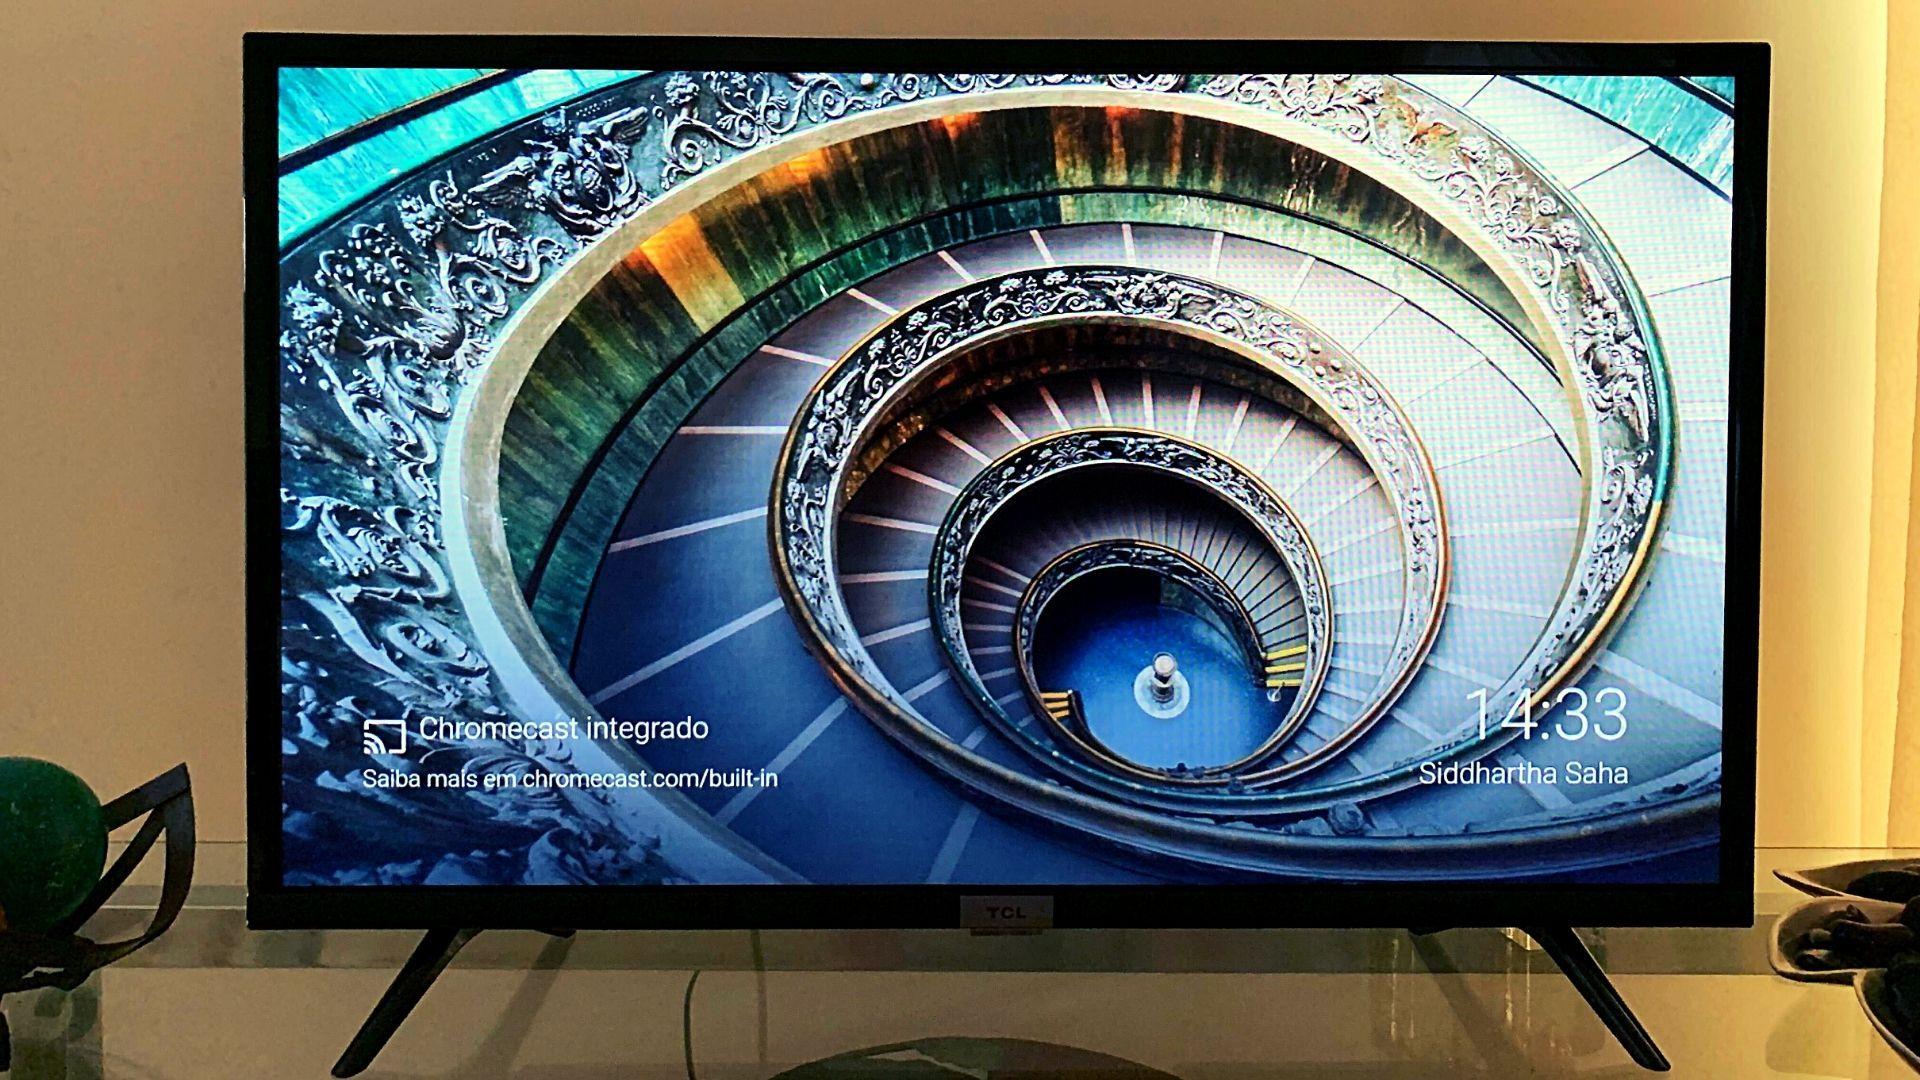 TCL S6500 é uma das melhores TVs de 32 polegadas do momento. (Imagem: Yulli Dias/Zoom)